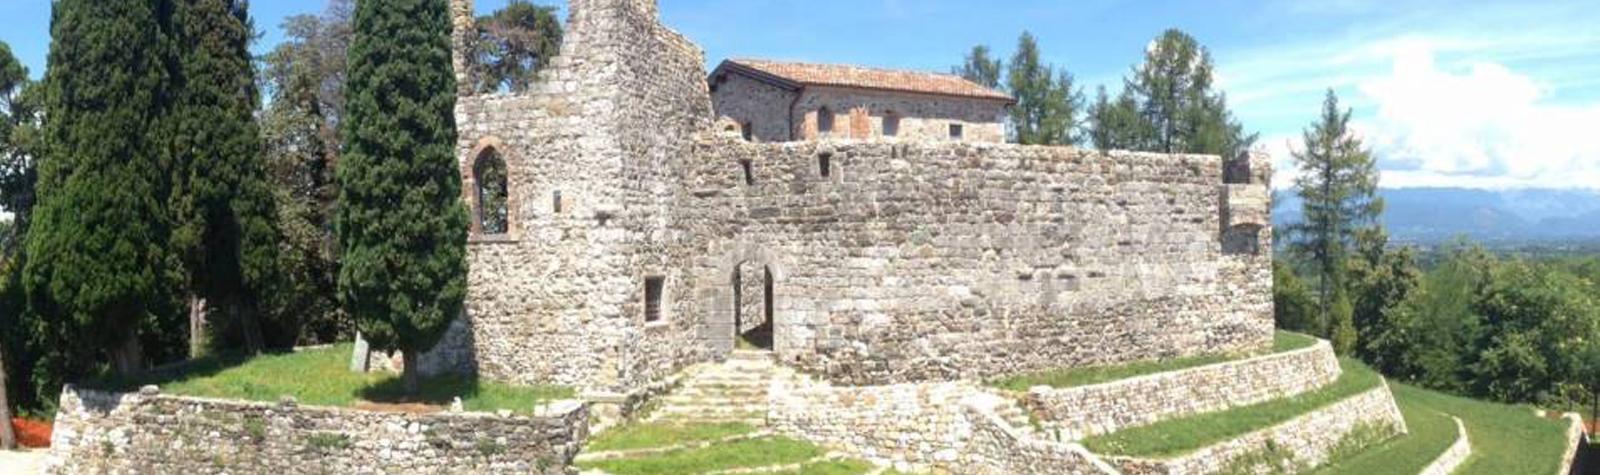 Castelli Aperti in Friuli il 6 e 7 ottobre